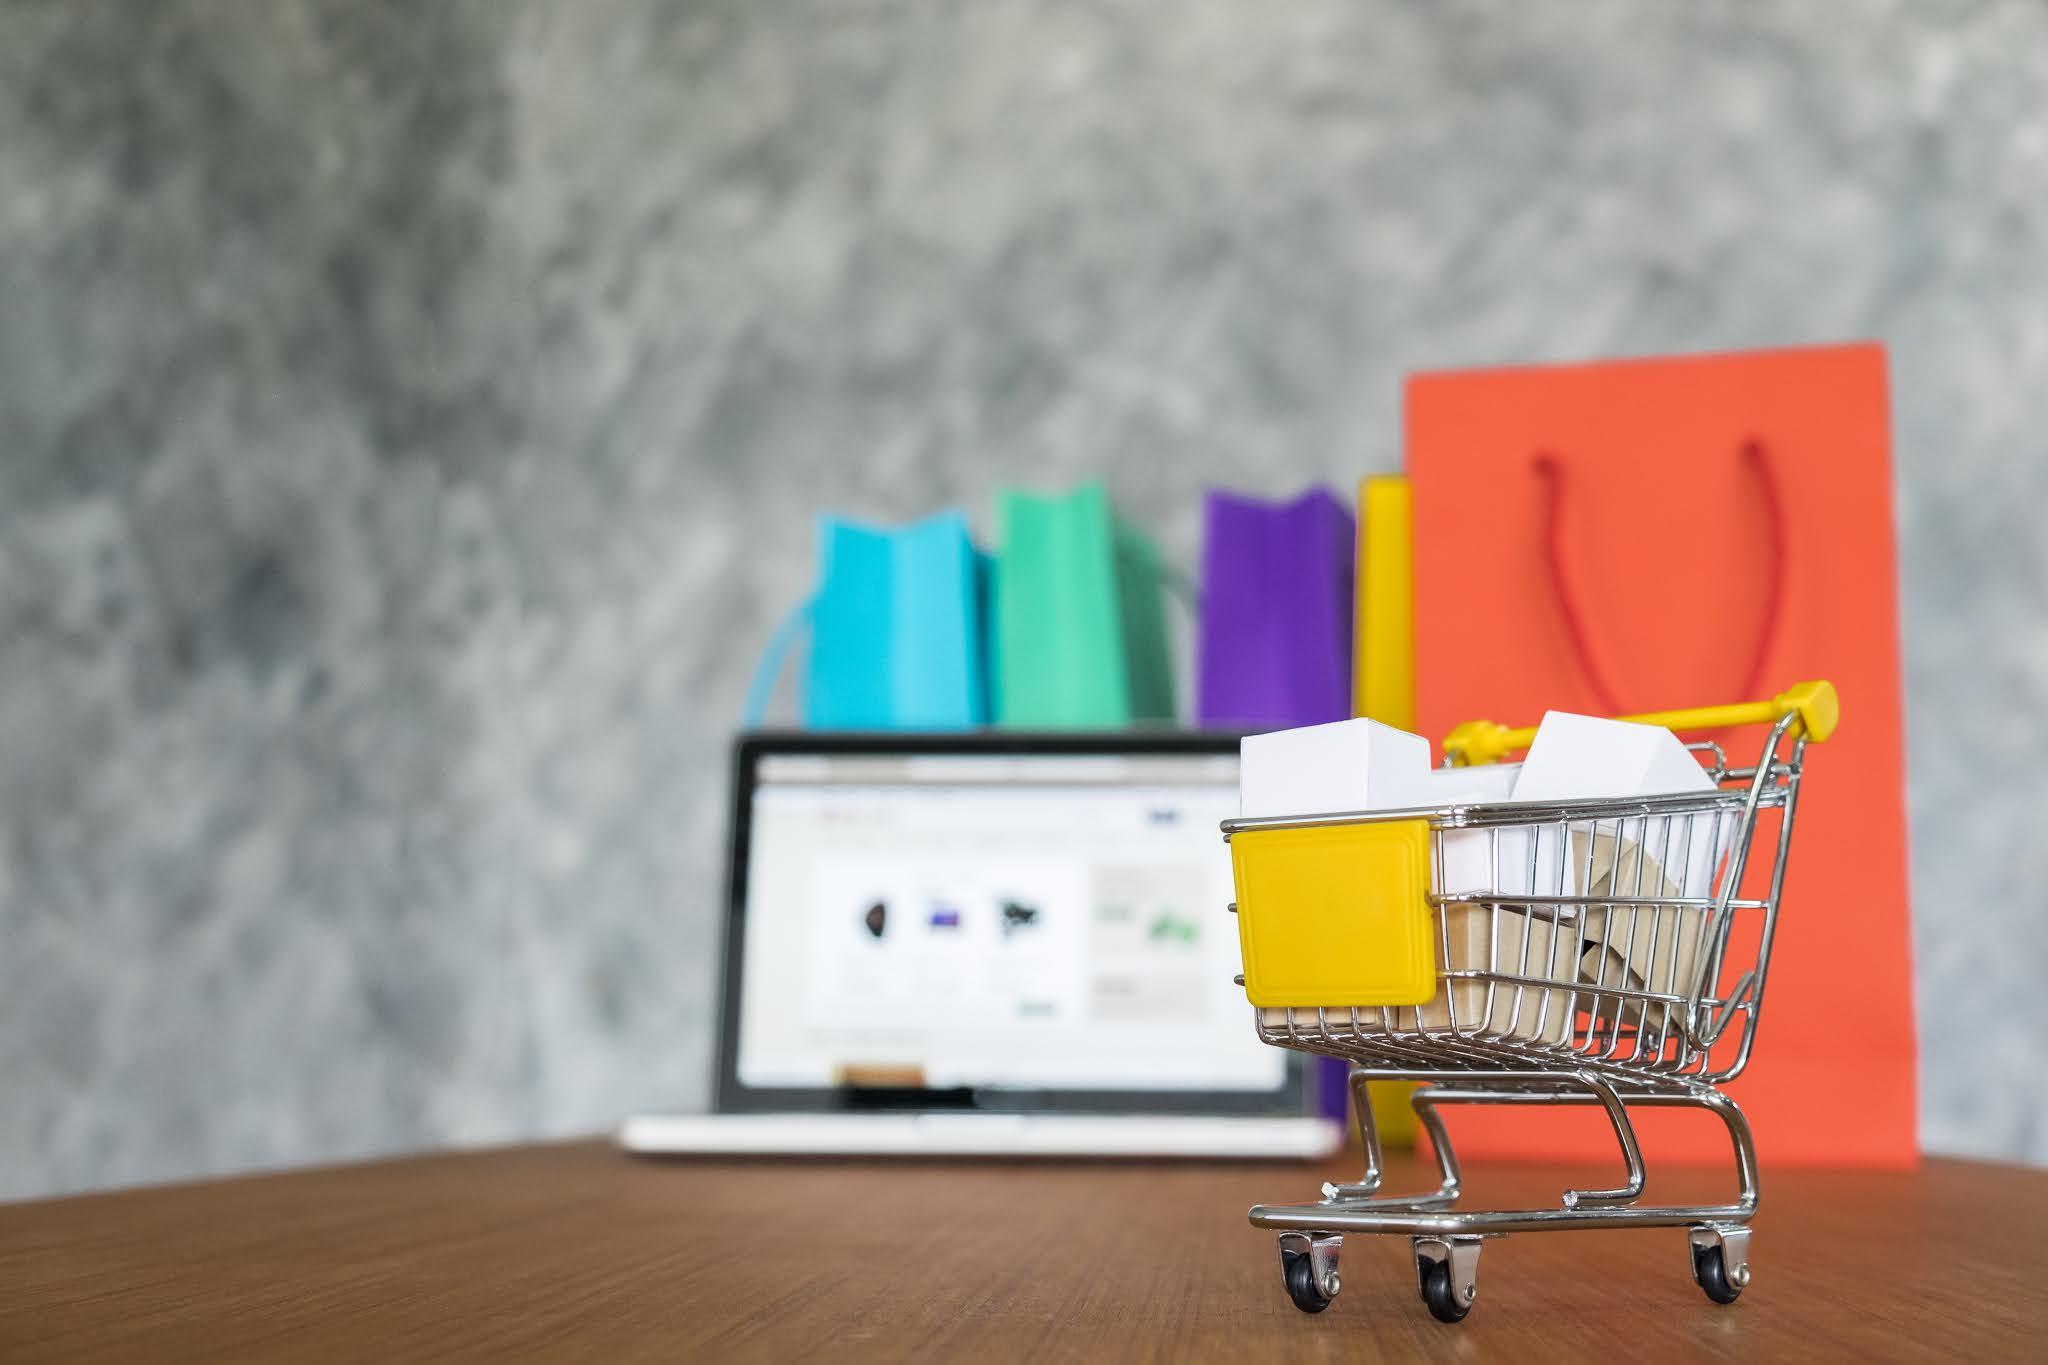 أنواع التجارة الإلكترونية تعلم التجارة الالكترونية مجالات التجارة الإلكترونية تعريف التجارة الإلكترونية تعريف التجارة الإلكترونية PDF التجارة الإلكترونية pdf كورس التجارة الالكترونية pdf أهداف التجارة الإلكترونية